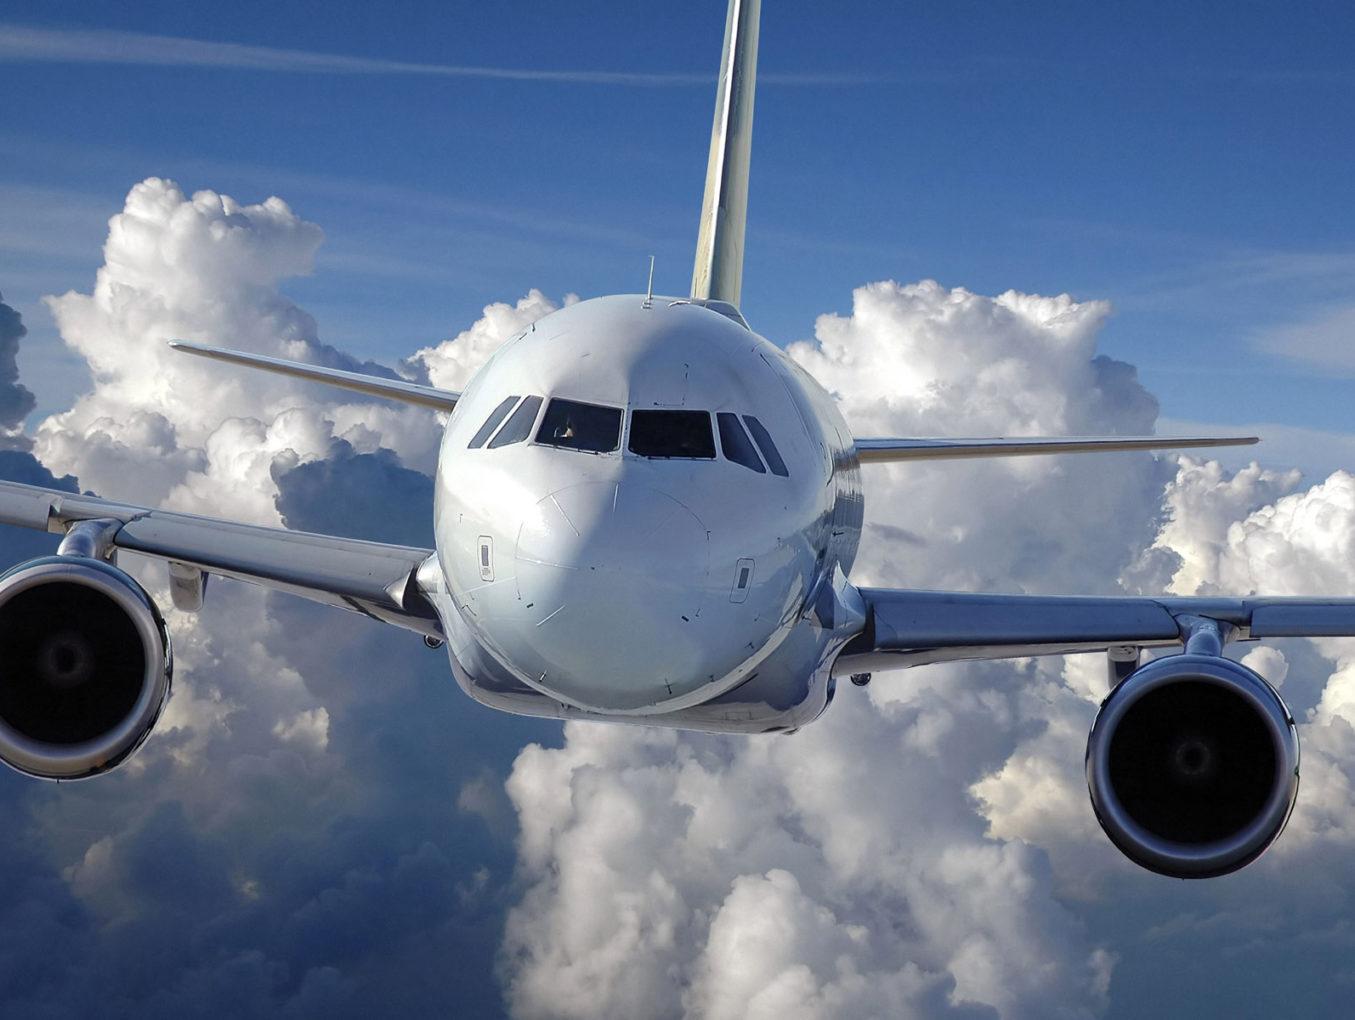 Авиакомпания El Al начала тестировать пассажиров на регистрационных стойках в аэропорту Тель-Авива